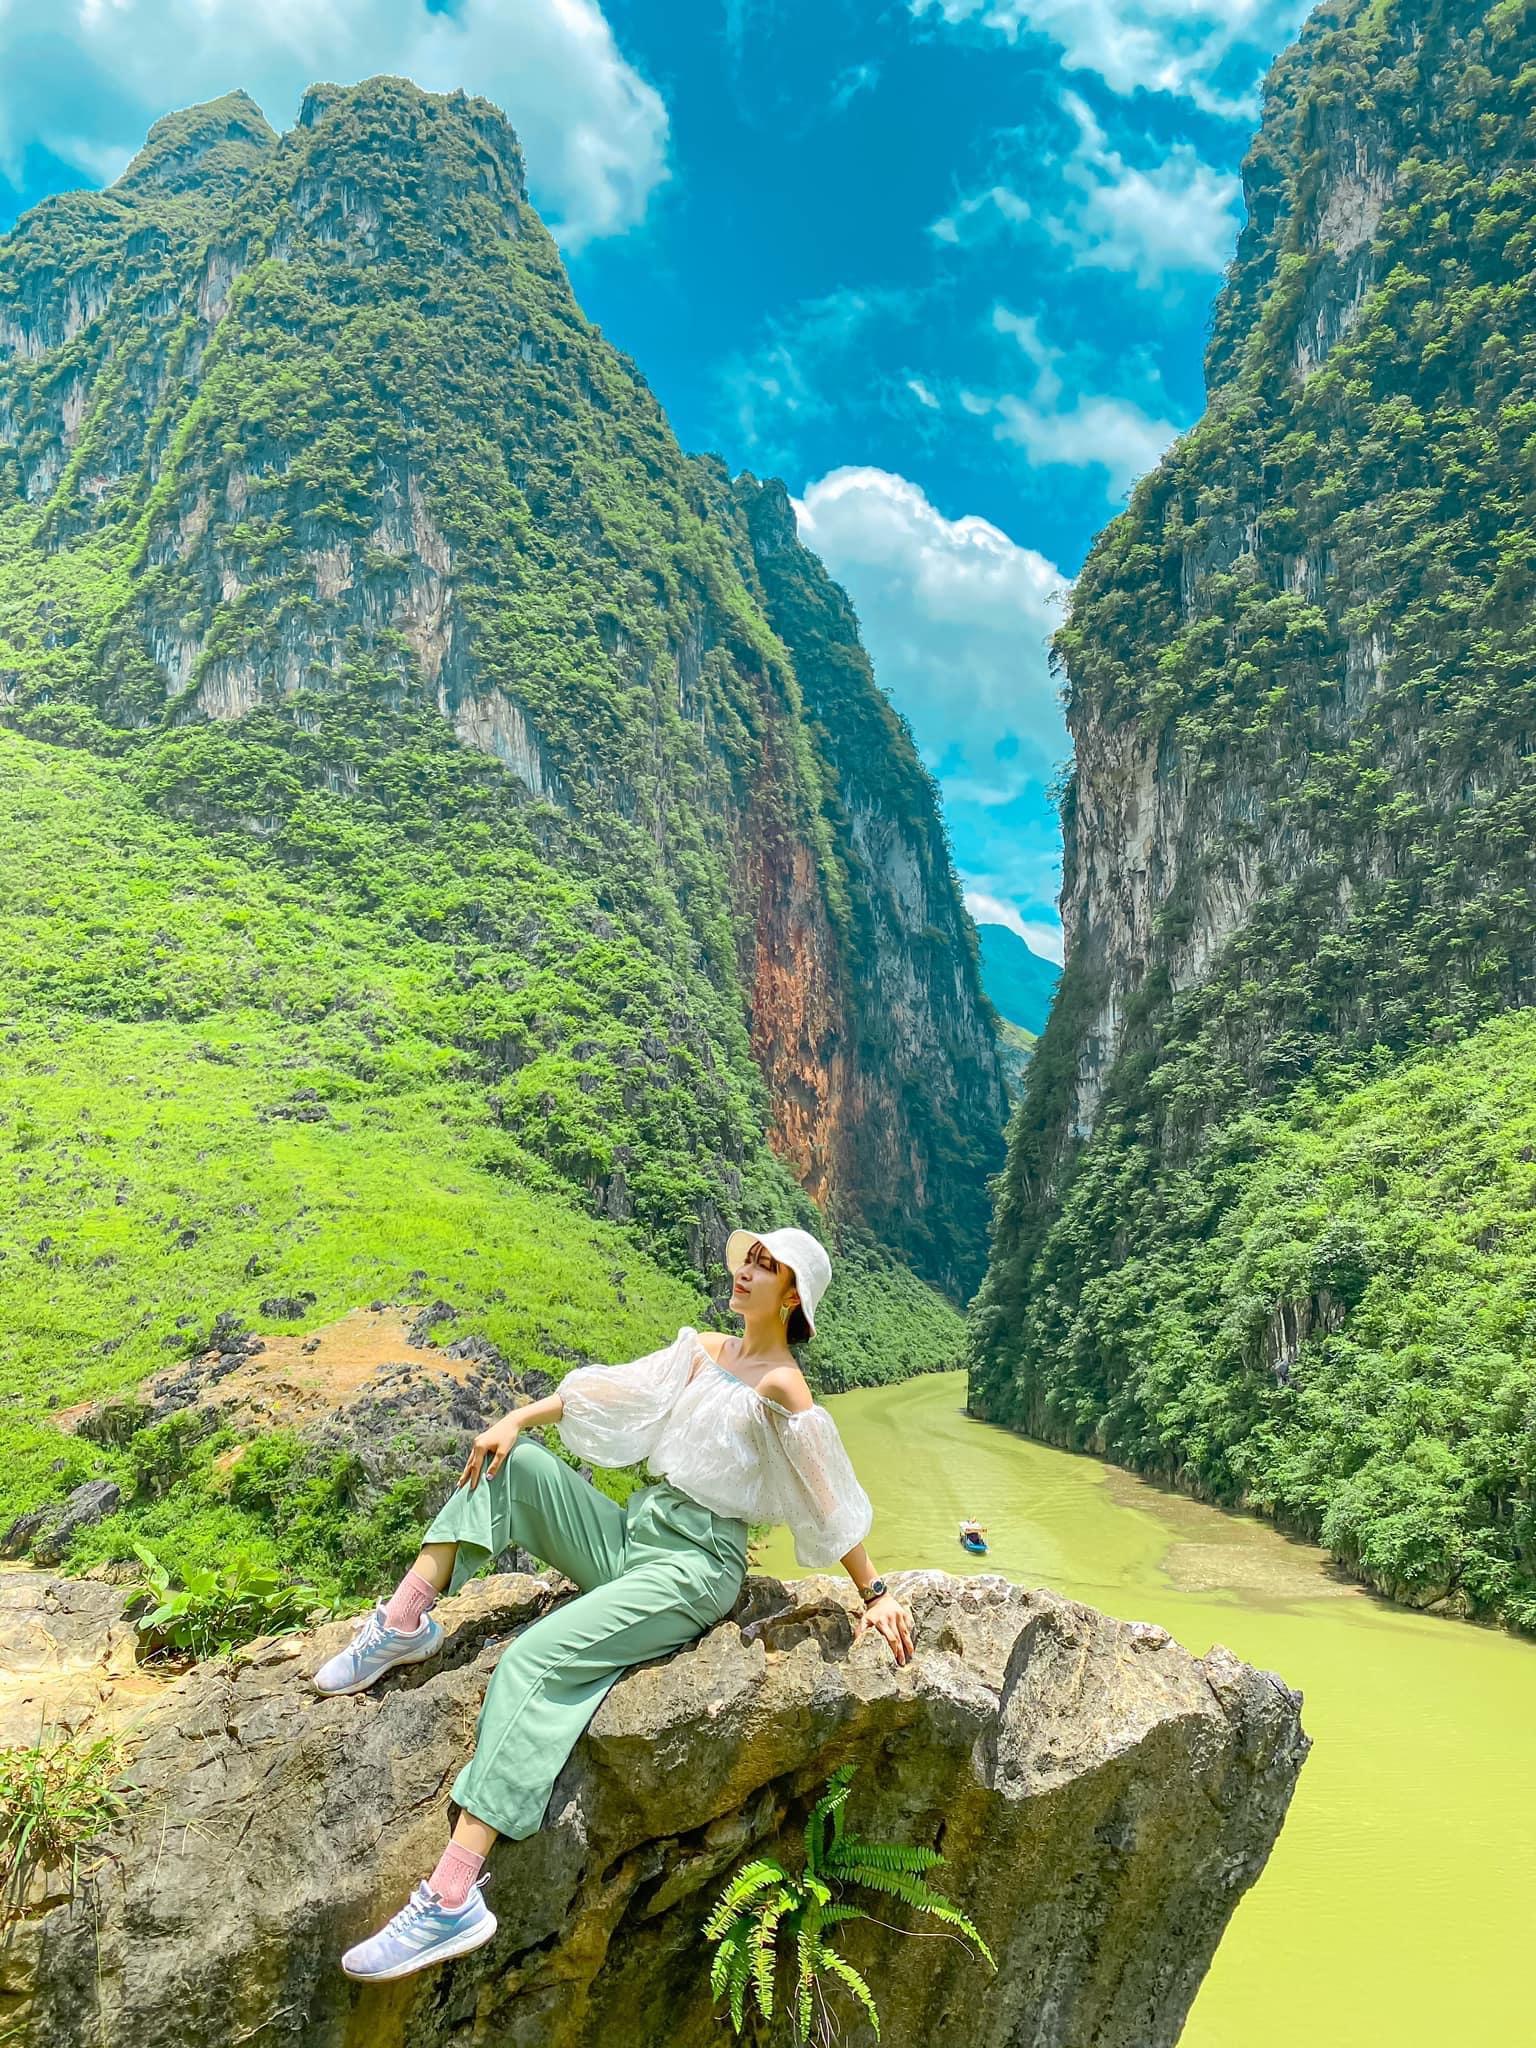 BÁNH BÈO CHẲNG THỂ ĐỔ ĐÈO- Chơi Hà Giang được không?